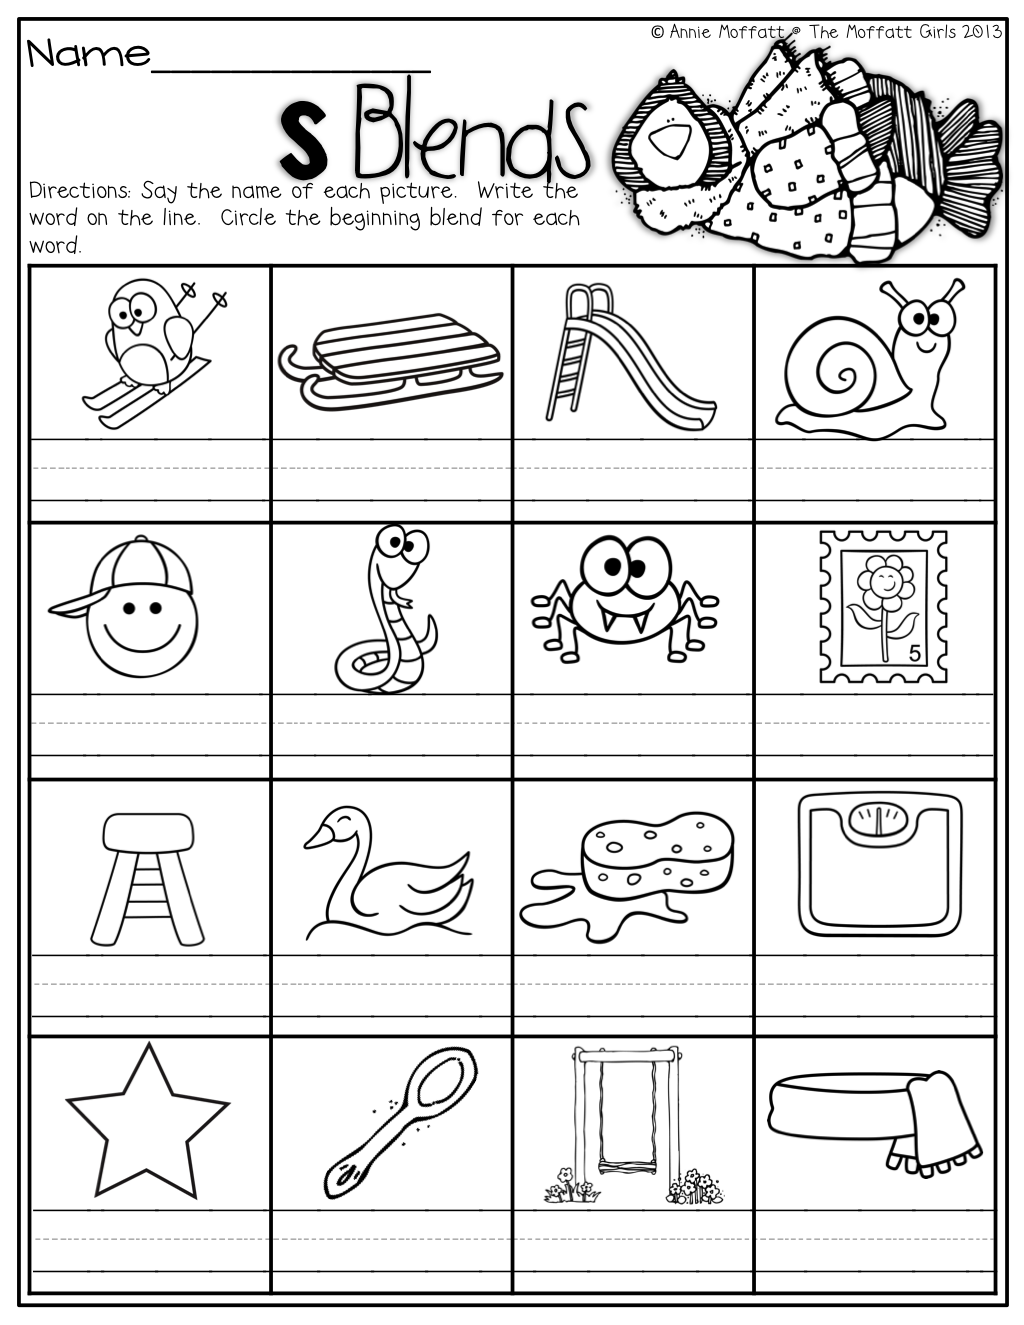 S Blend Worksheets